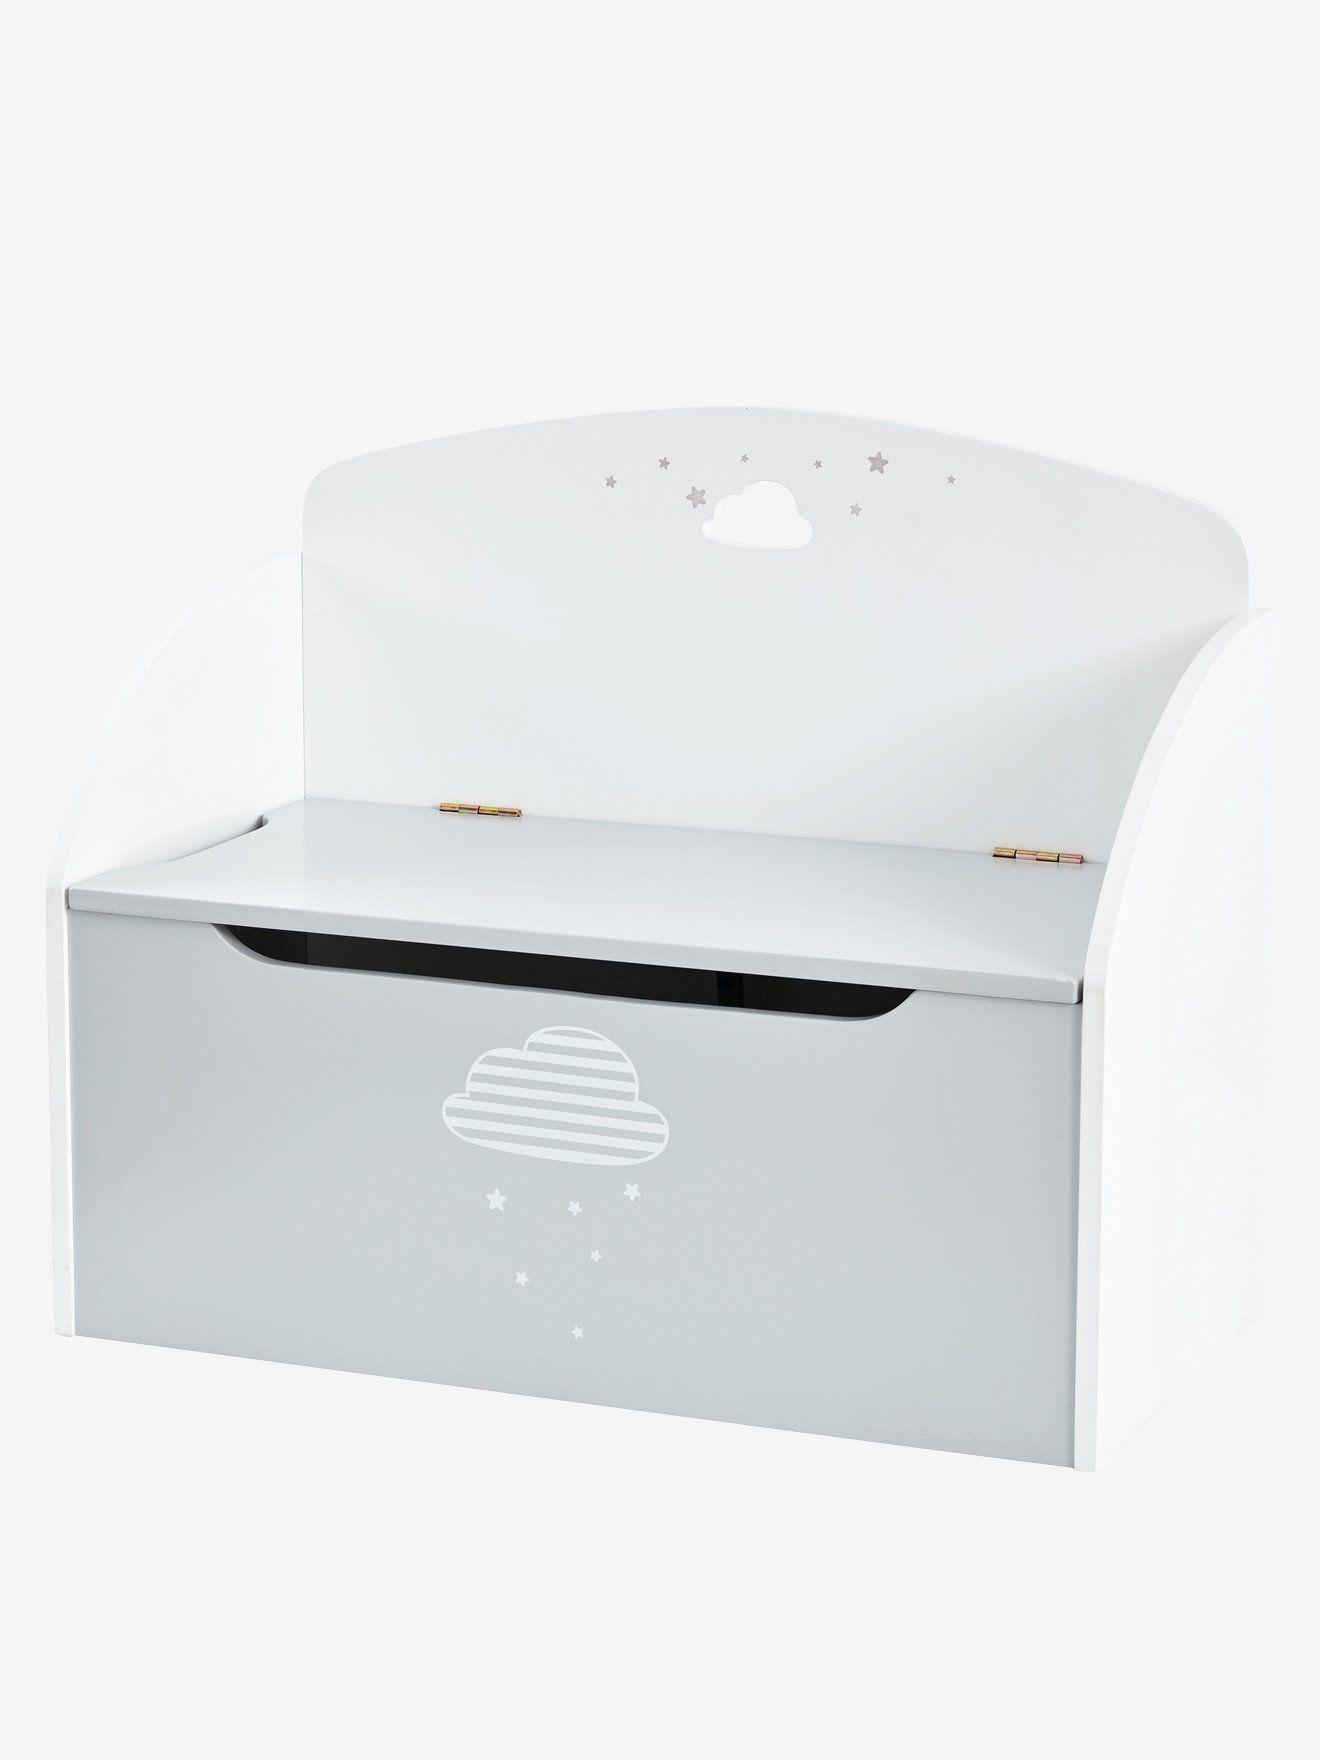 Banc Coffre De Rangement Nuage Gris Blanc Vertbaudet Banc Coffre De Rangement Coffre De Rangement Banc Coffre